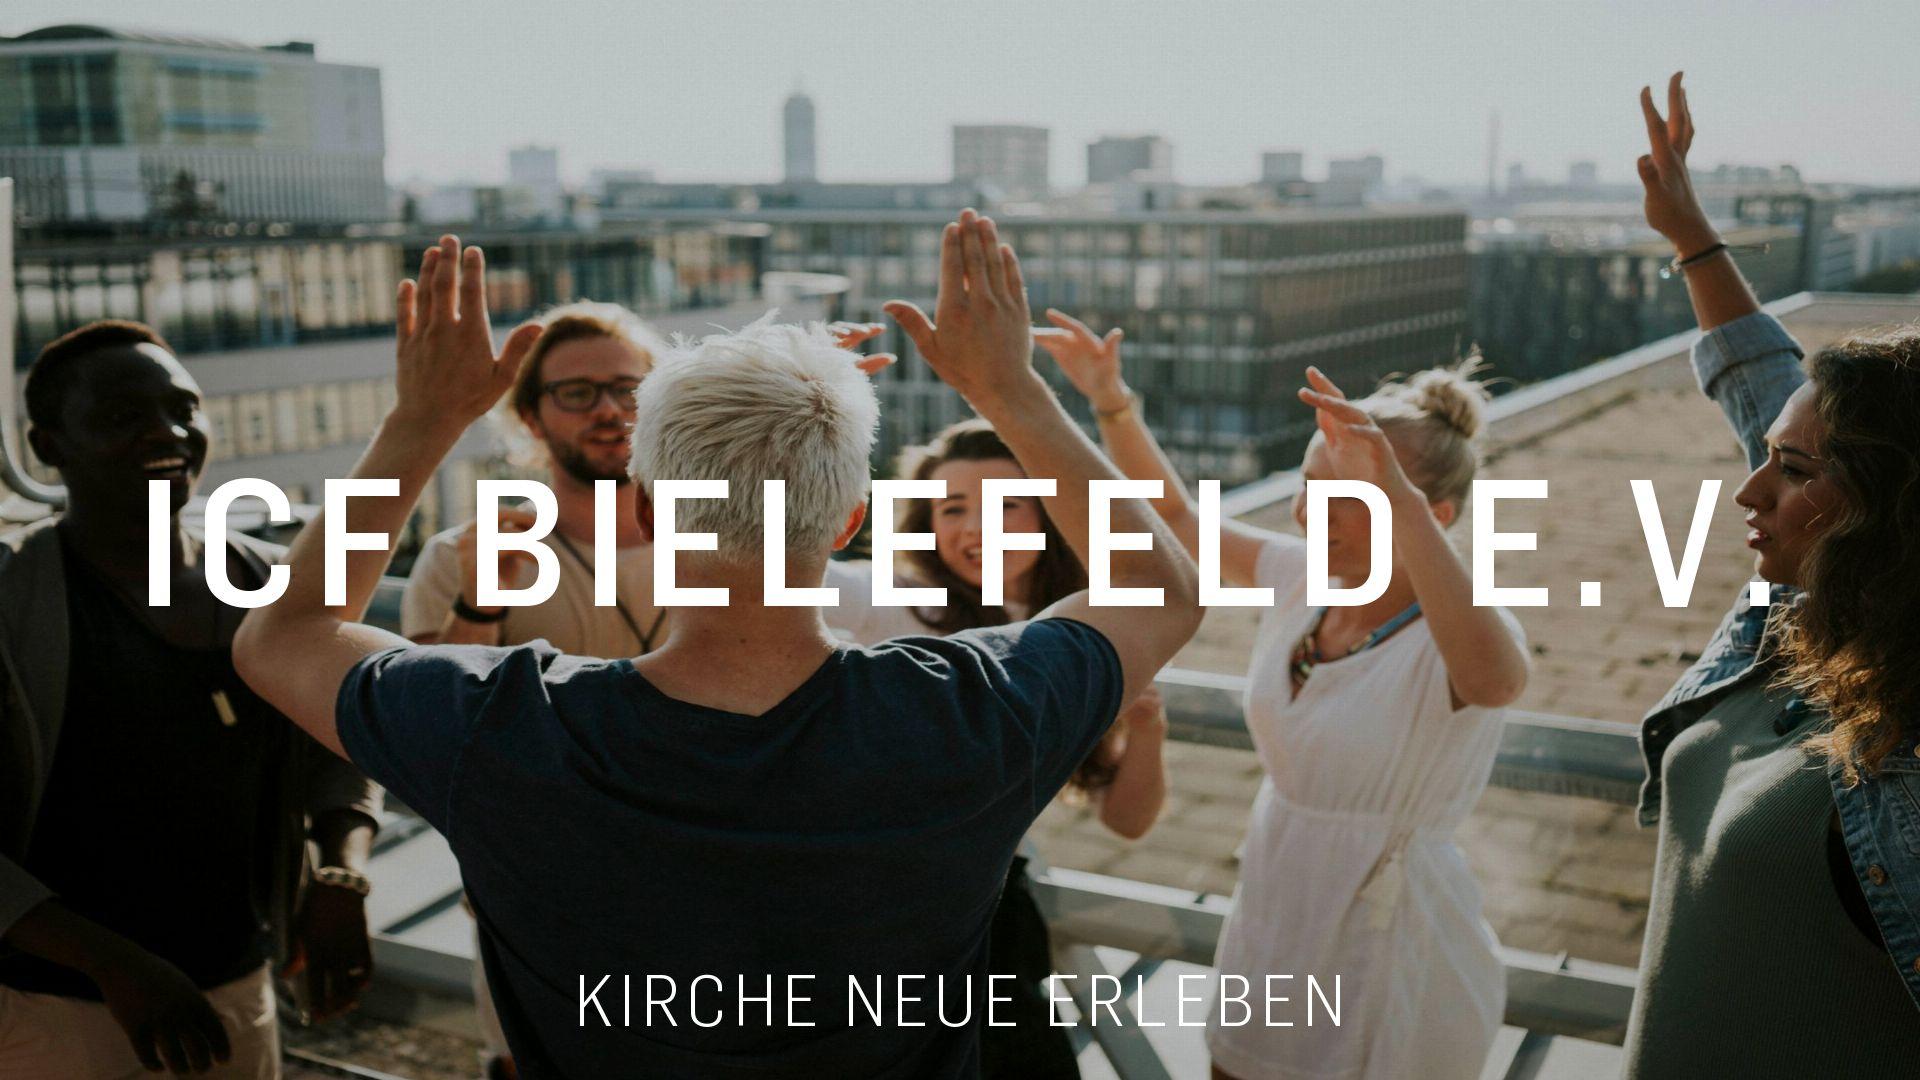 Immobilein Klose vermittelt die neue Location für die ICF Bielefeld e. V.